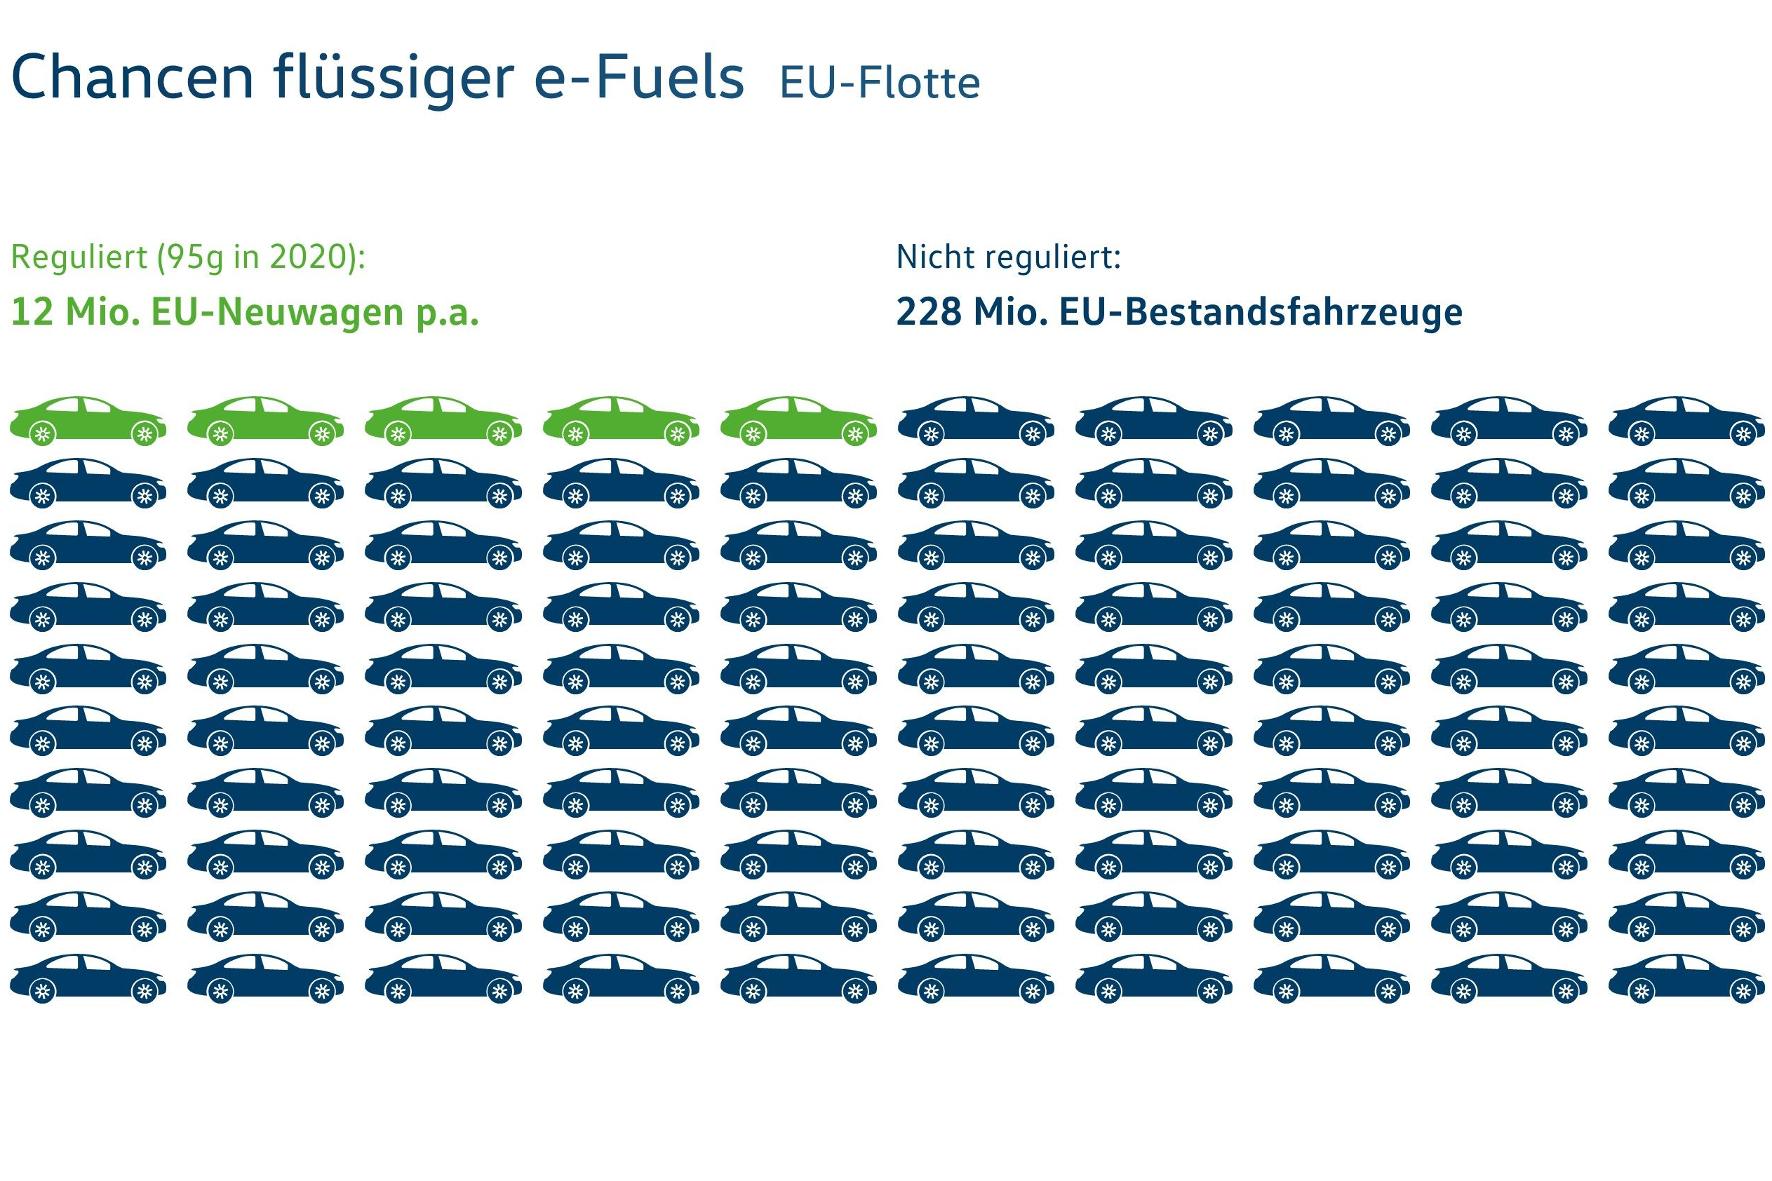 Rück- und Ausblicke: Welche Chancen haben e-fuels beim Tanken